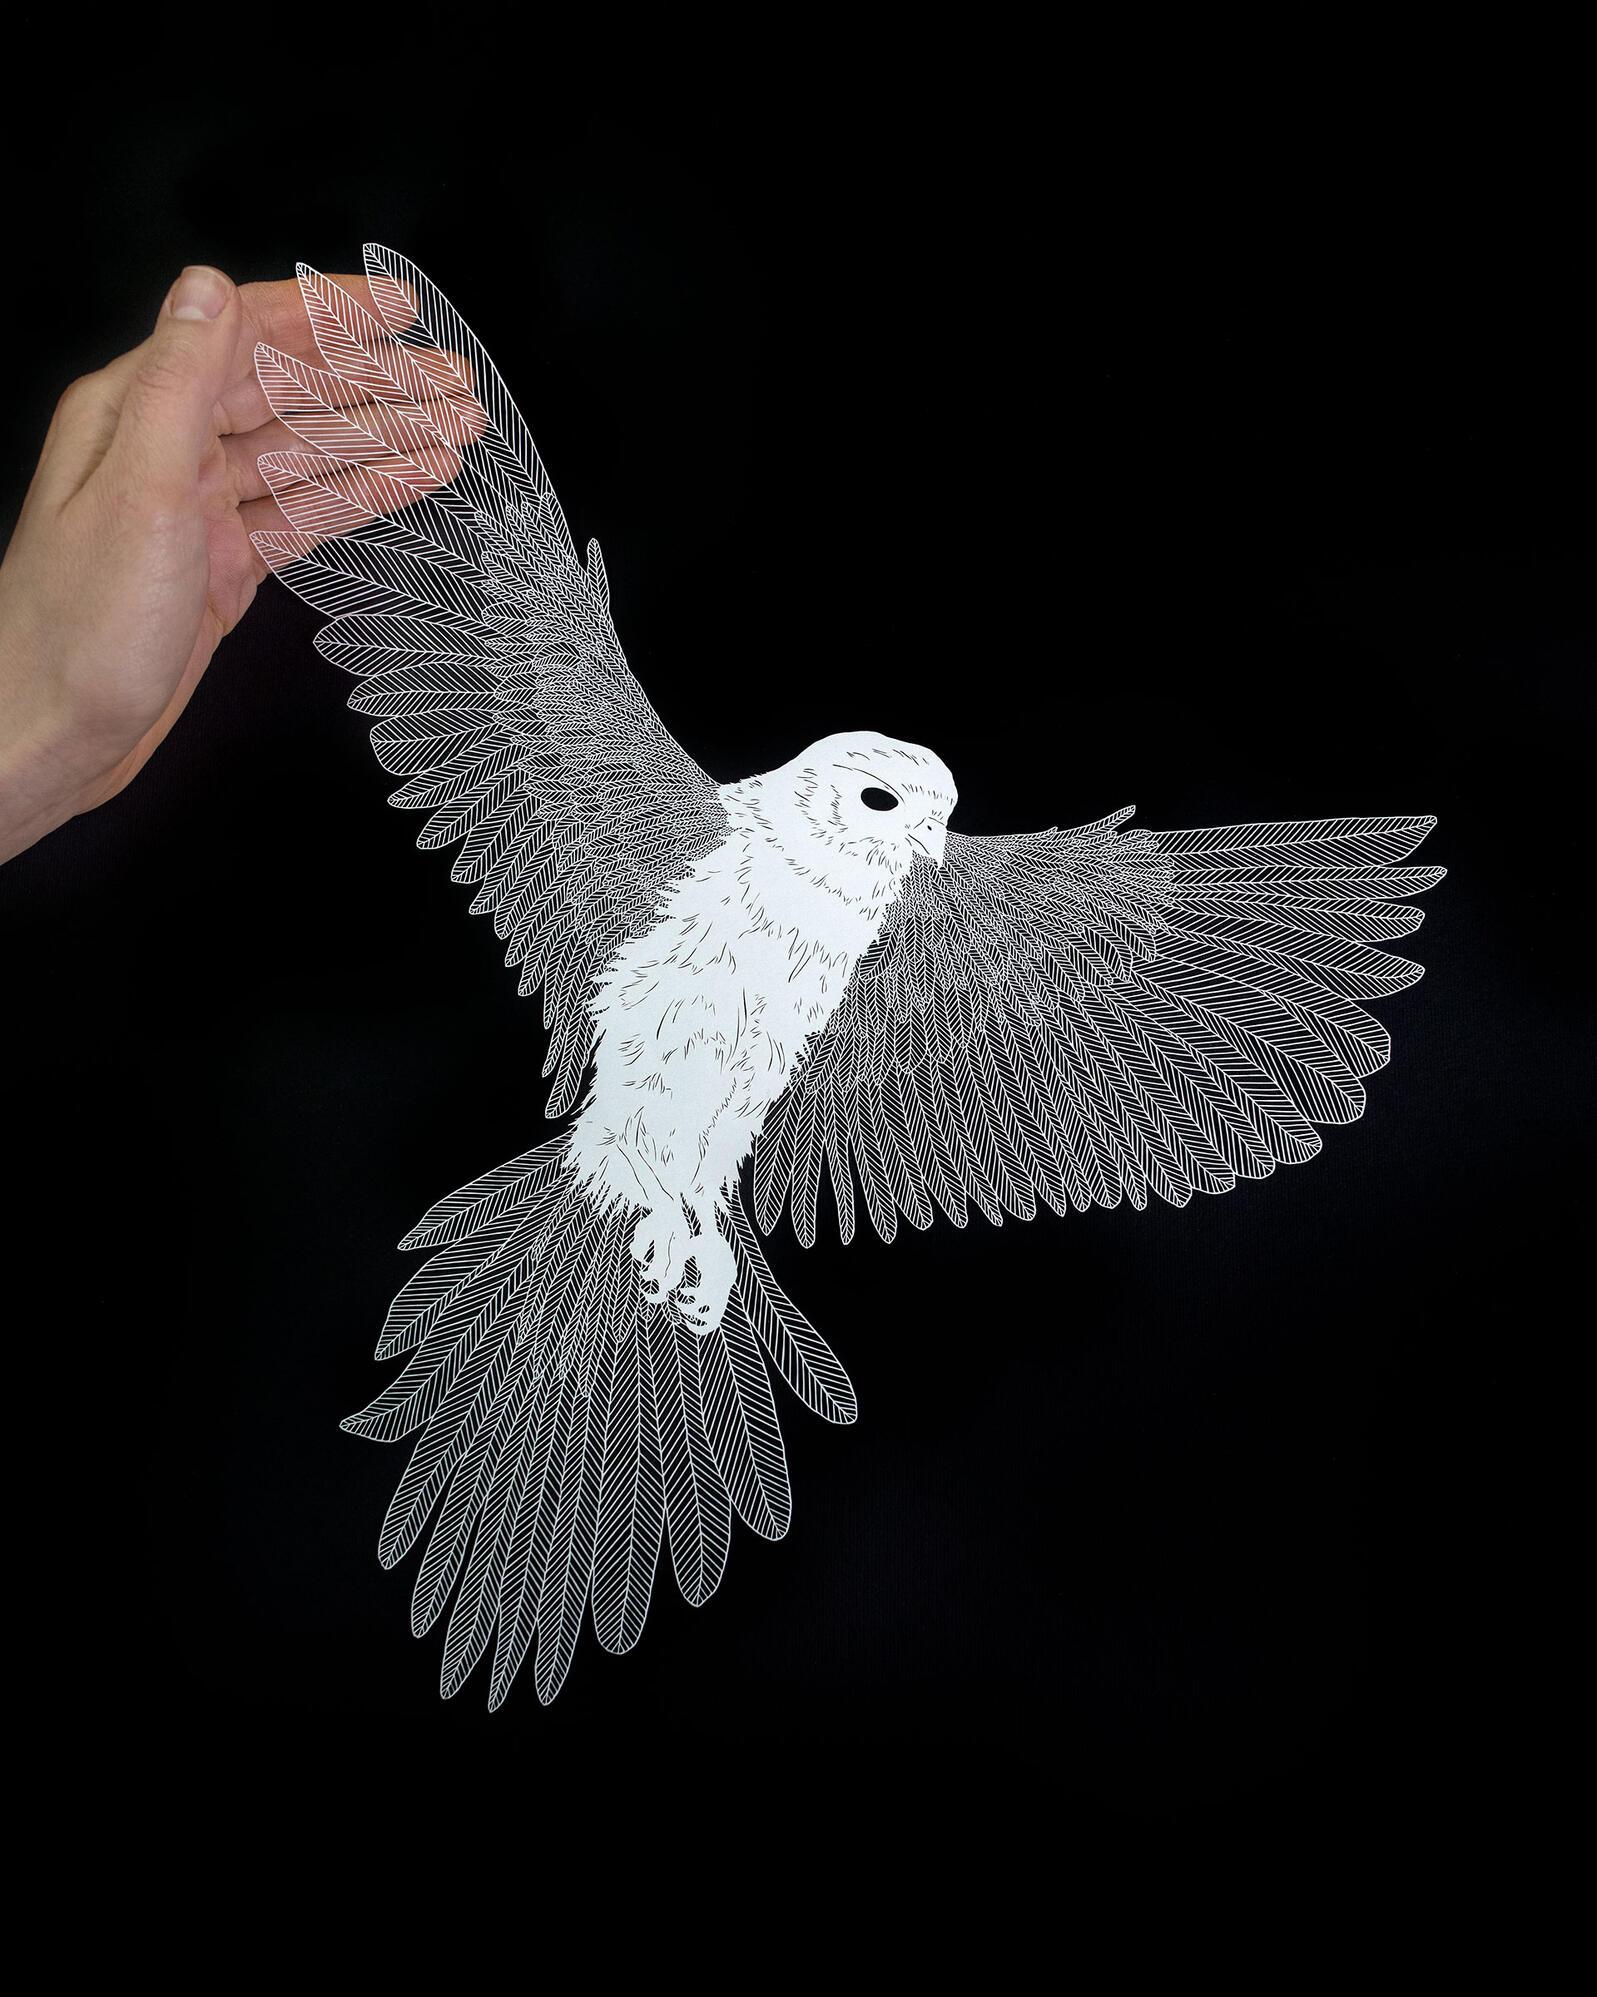 Illustration: Maude White; Photo: Mike Fernandez/Audubon